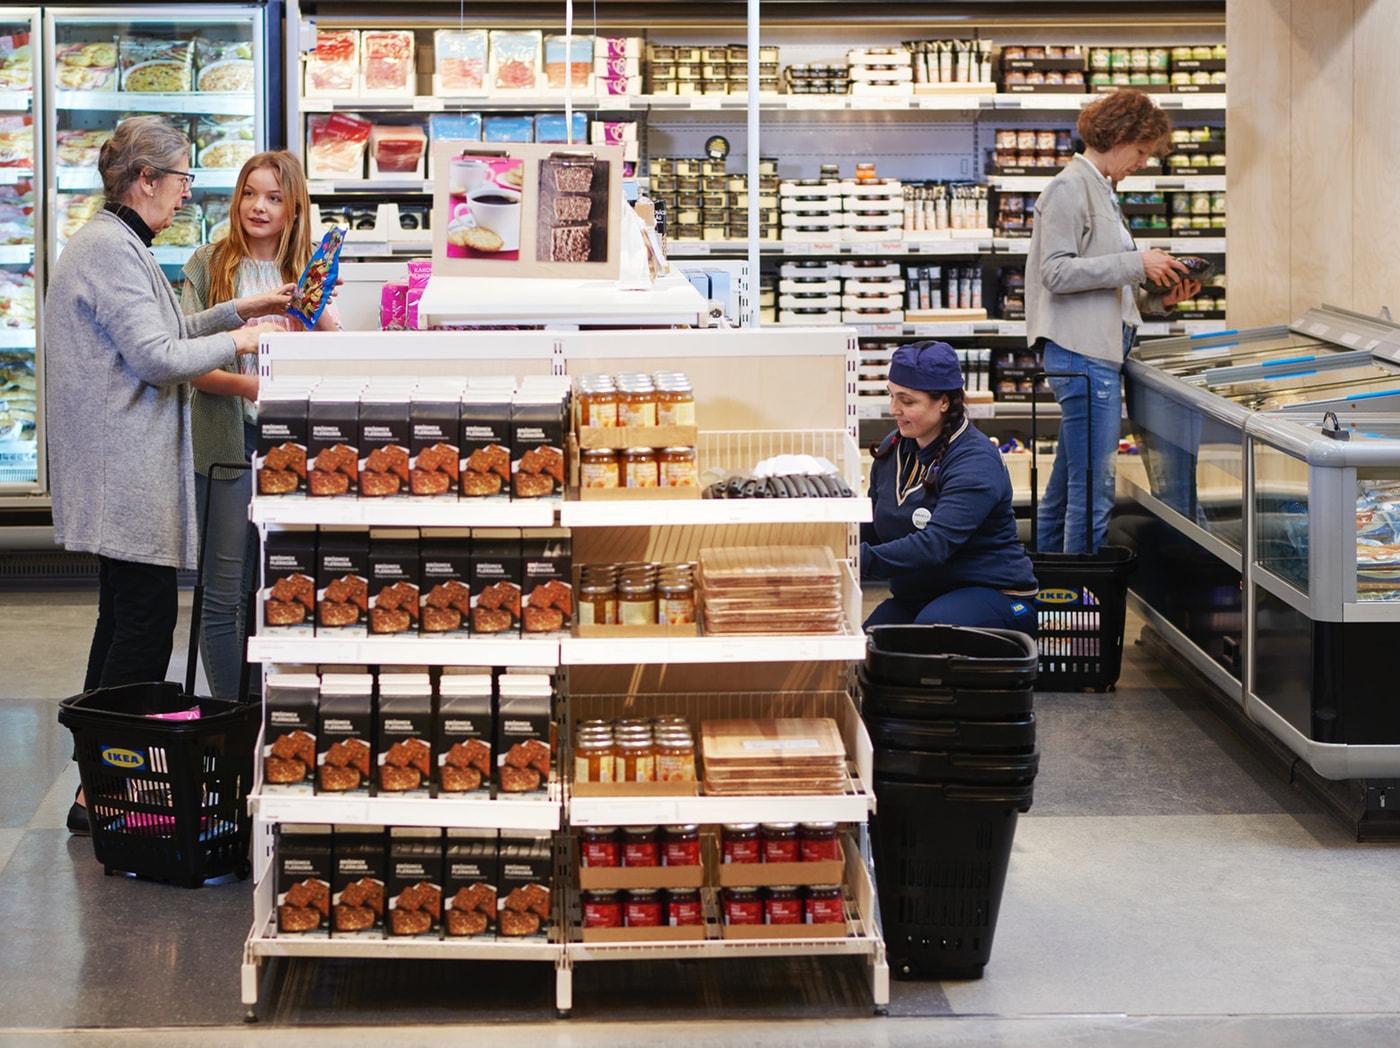 Regály se švédskými specialitami, vedle kterých stojí dvě zákaznice a zaměstnankyně IKEA.